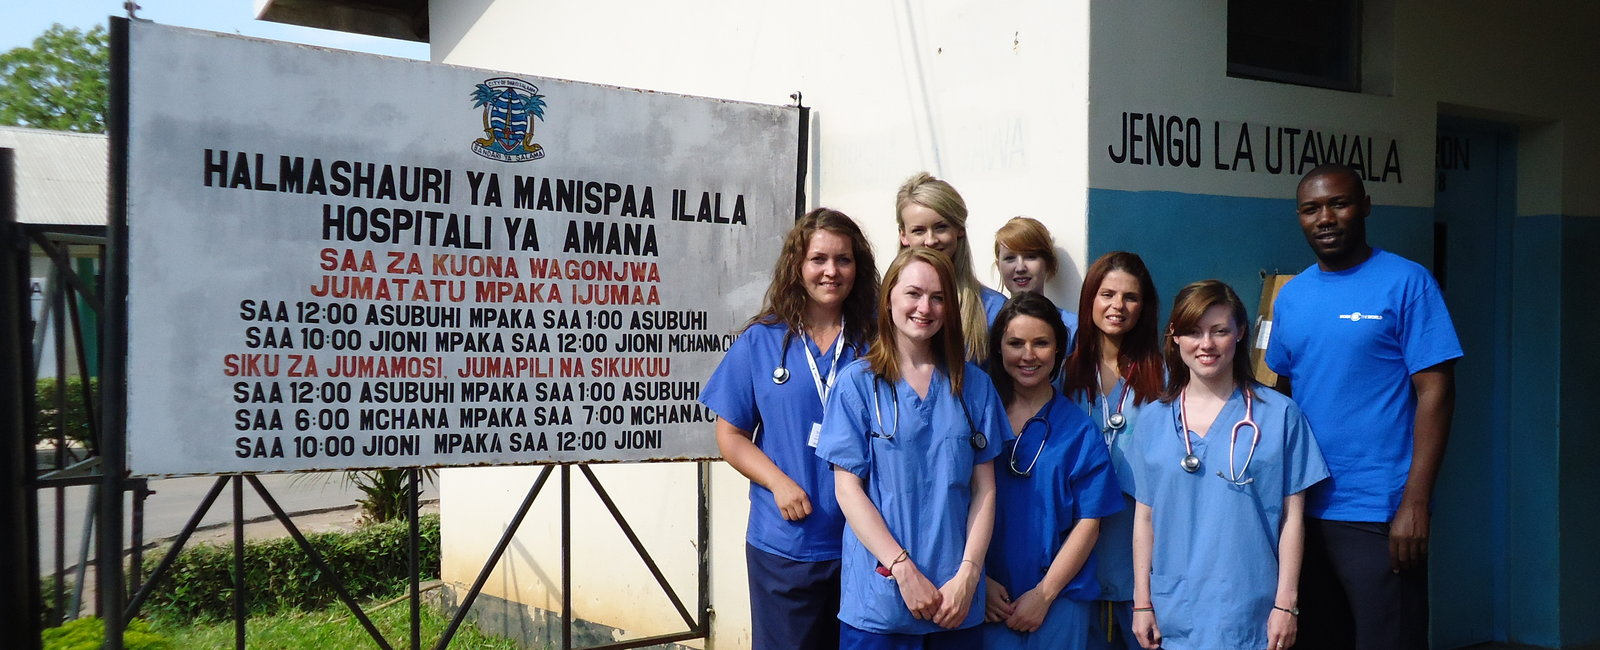 Victoria Maxey - Nursing Electives in Tanzania Dar es Salaam